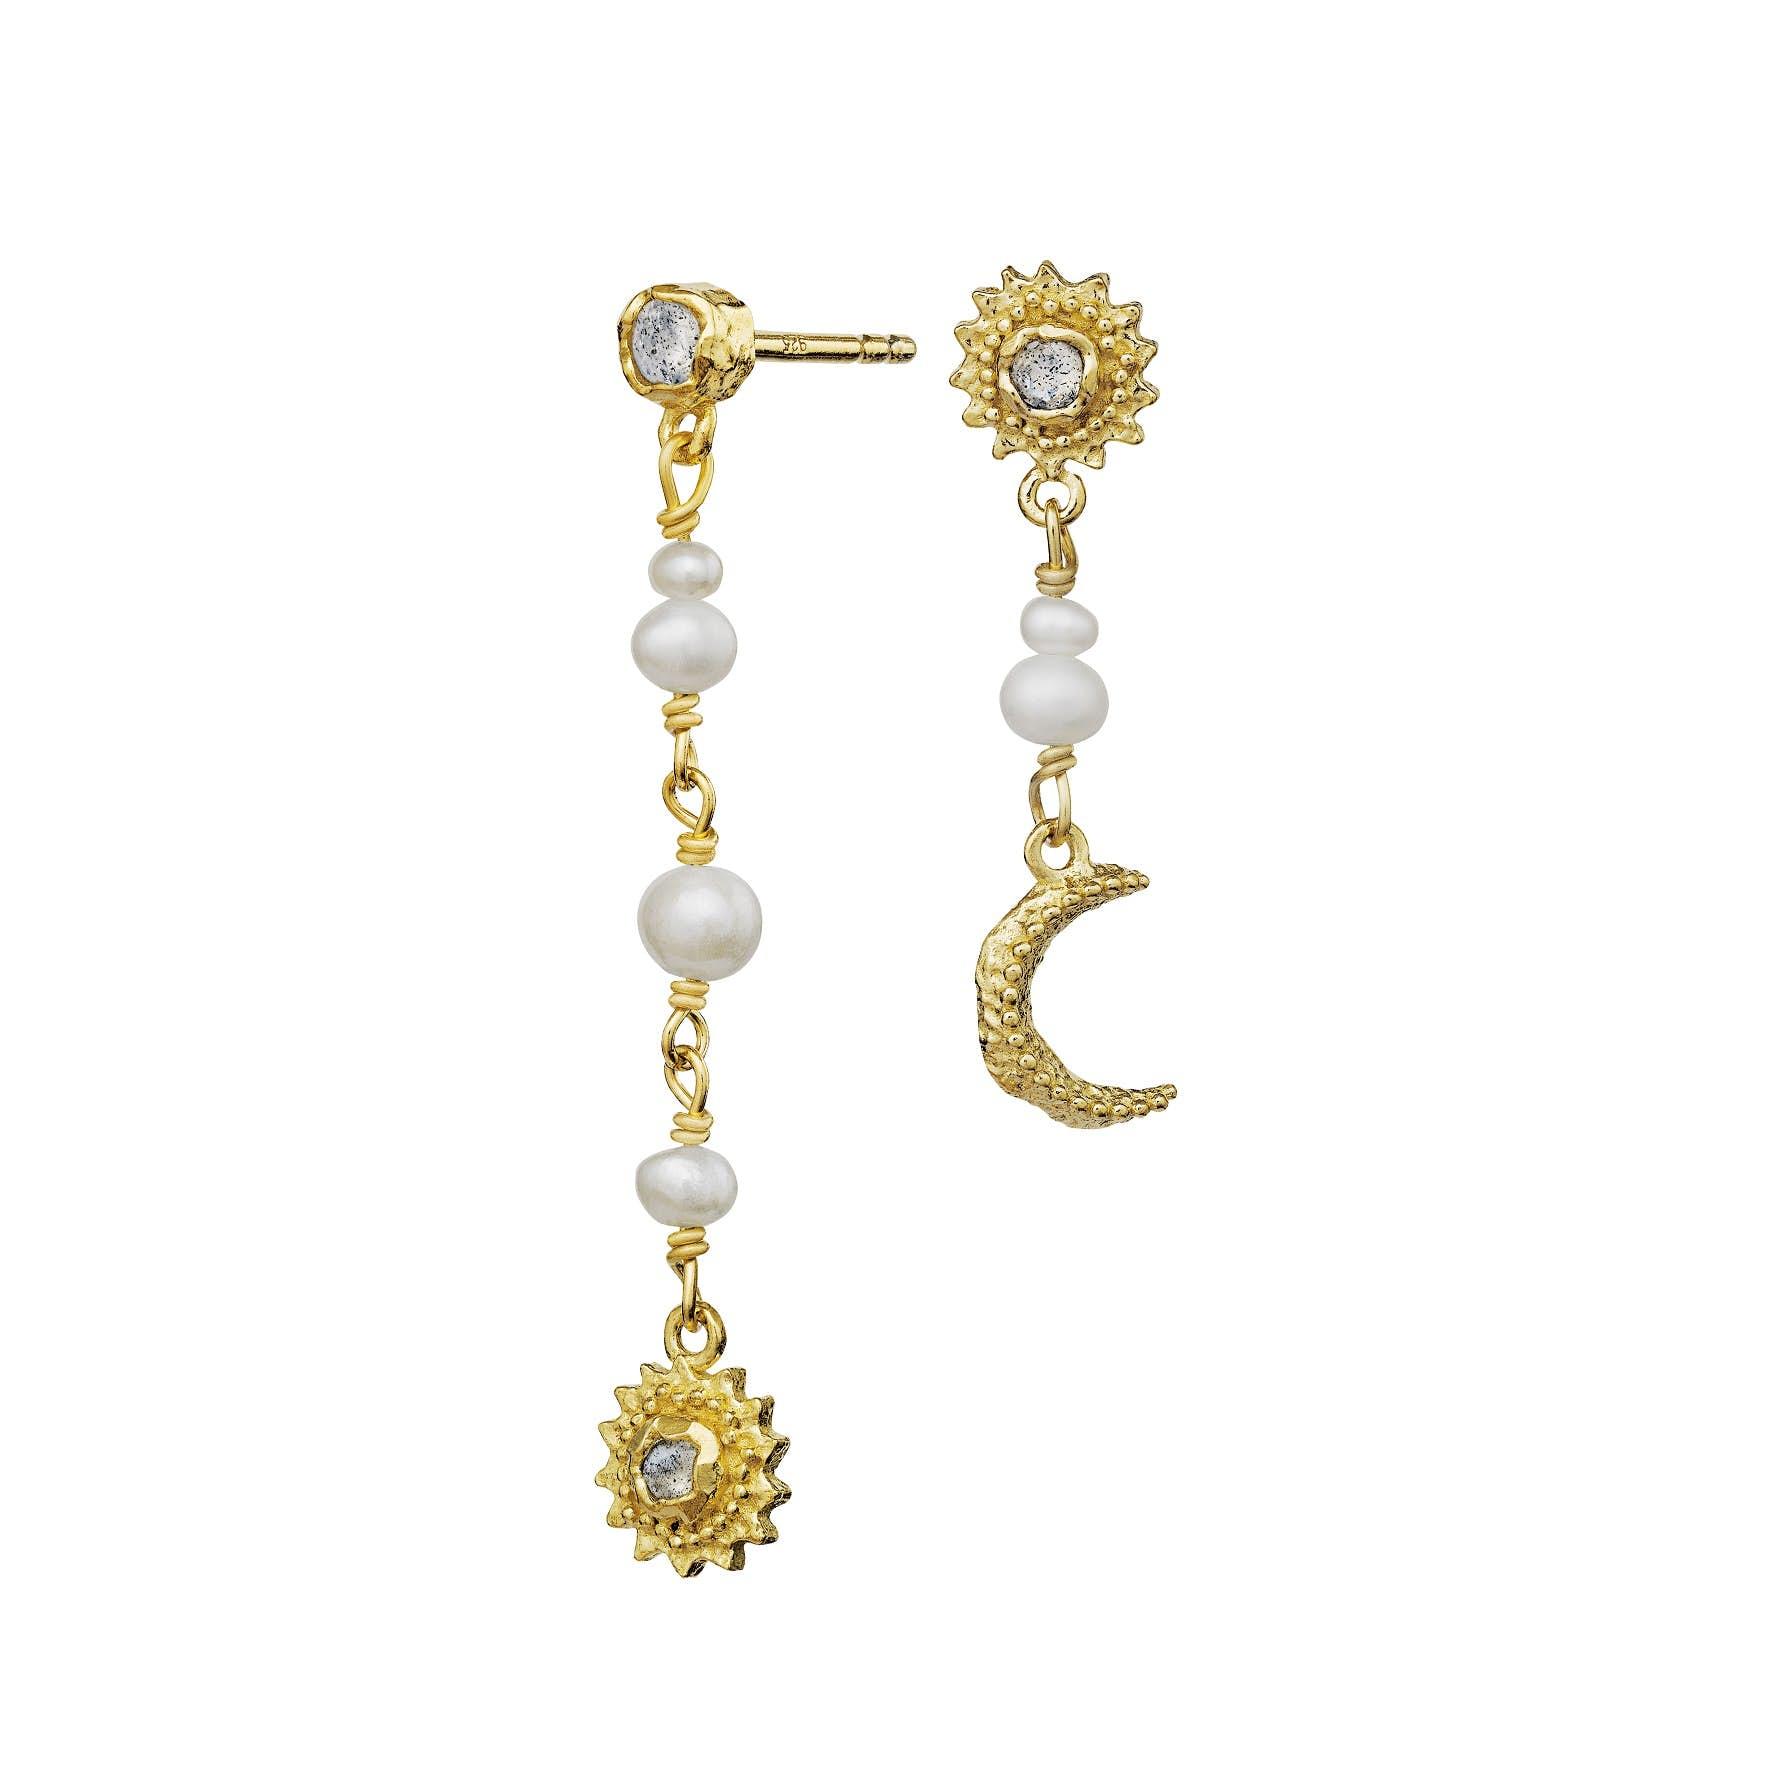 Sunniva Earrings von Maanesten in Vergoldet-Silber Sterling 925